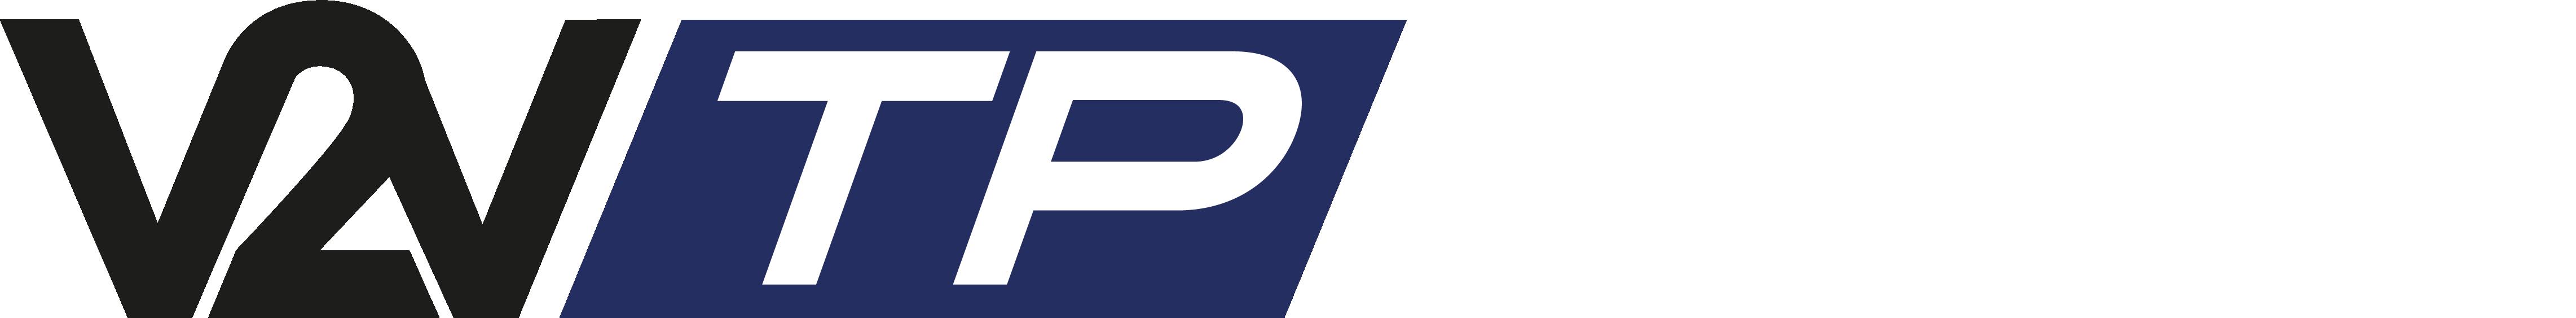 V2V TP - Eurocentre (31 Haute-Garonne)